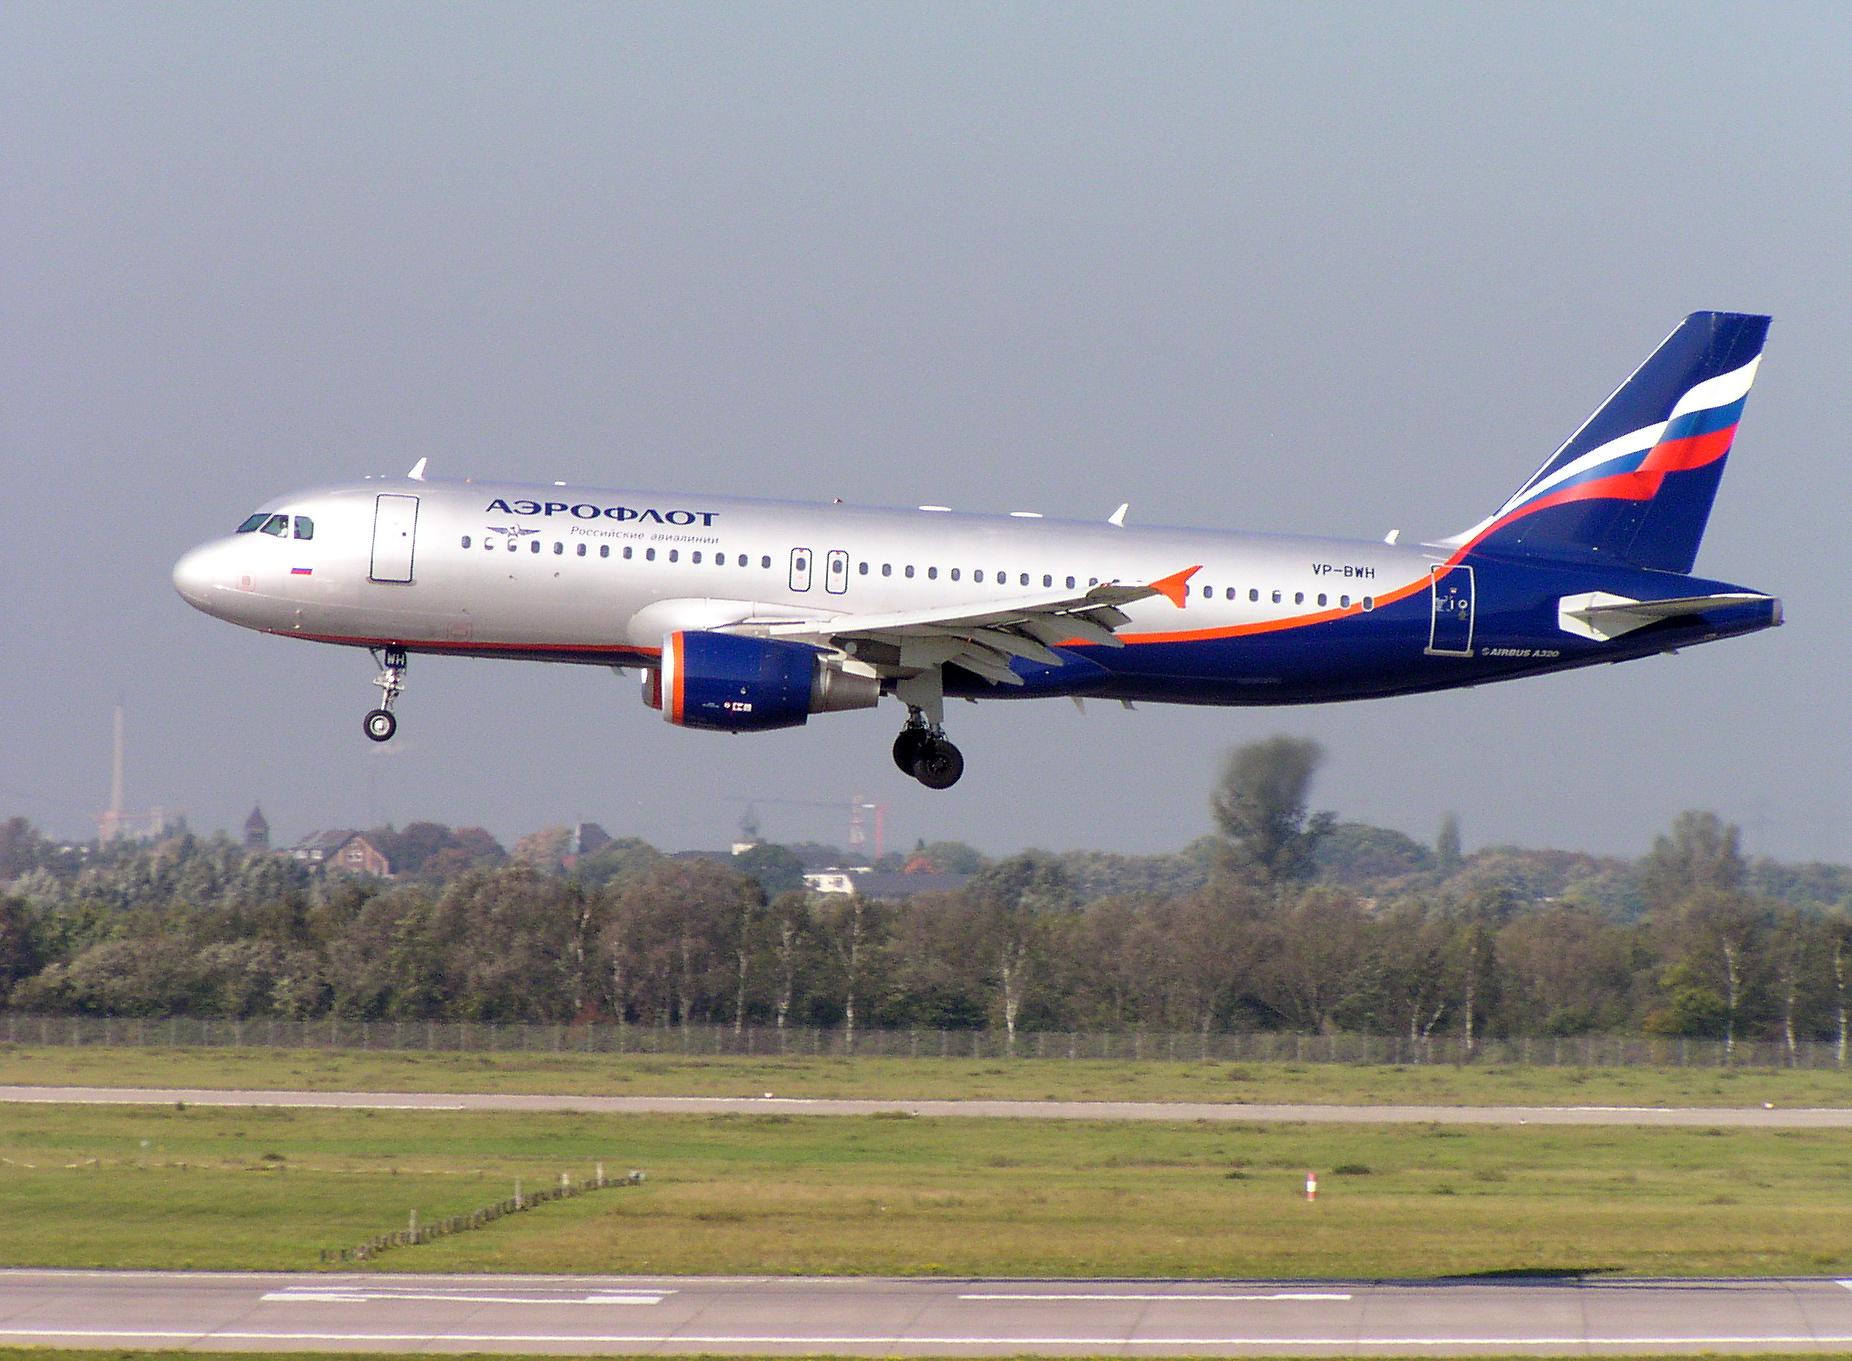 Aeroflot_A320-200_VP-BWH